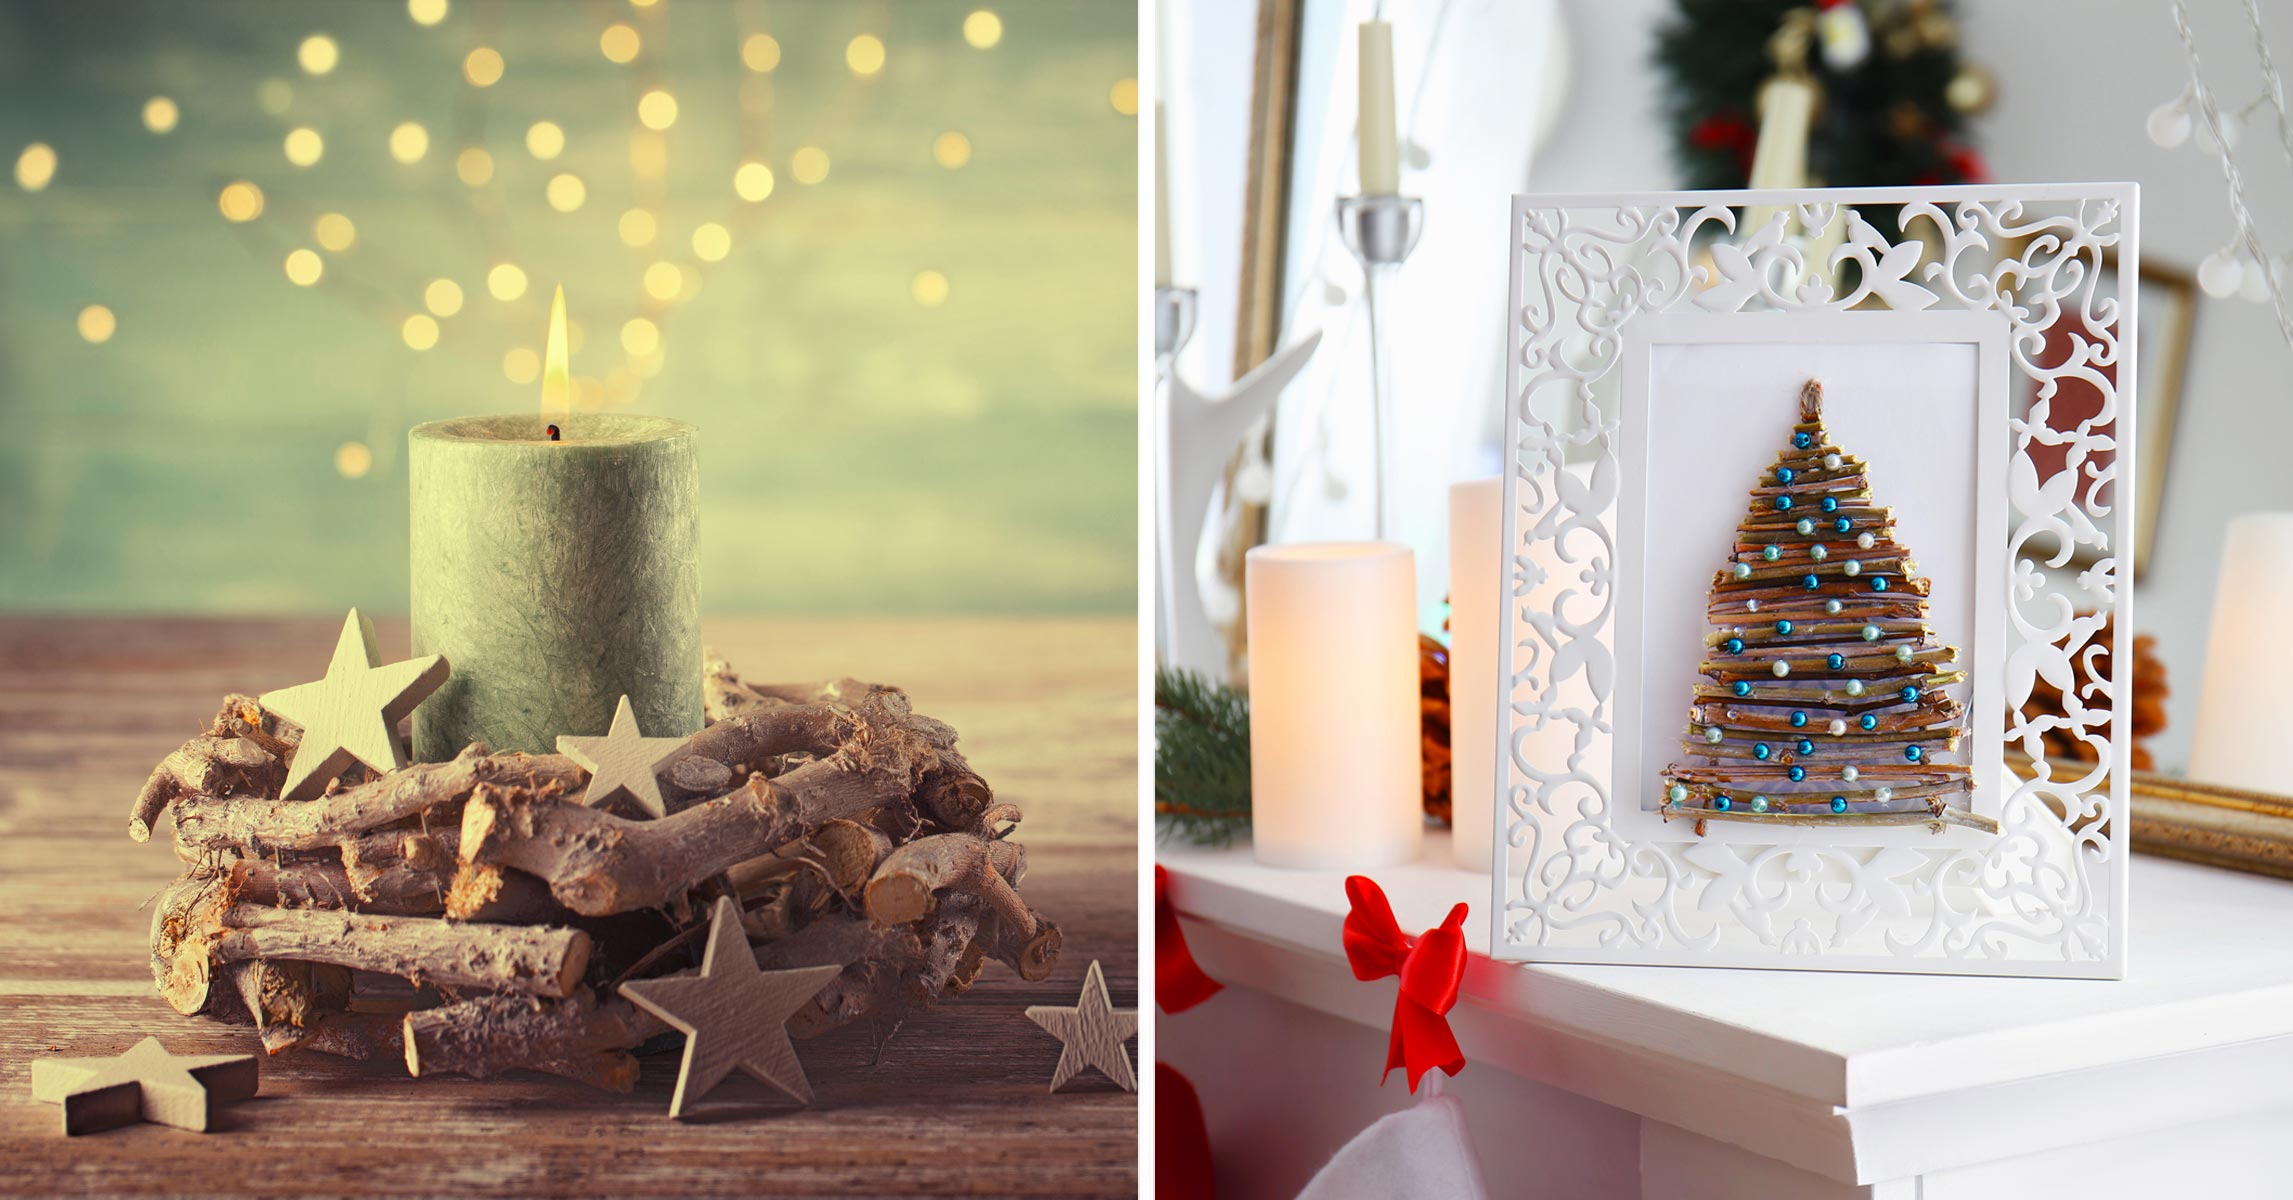 Stelle Di Natale Da Costruire addobbi natalizi con legno di recupero: 24 idee fai da te da